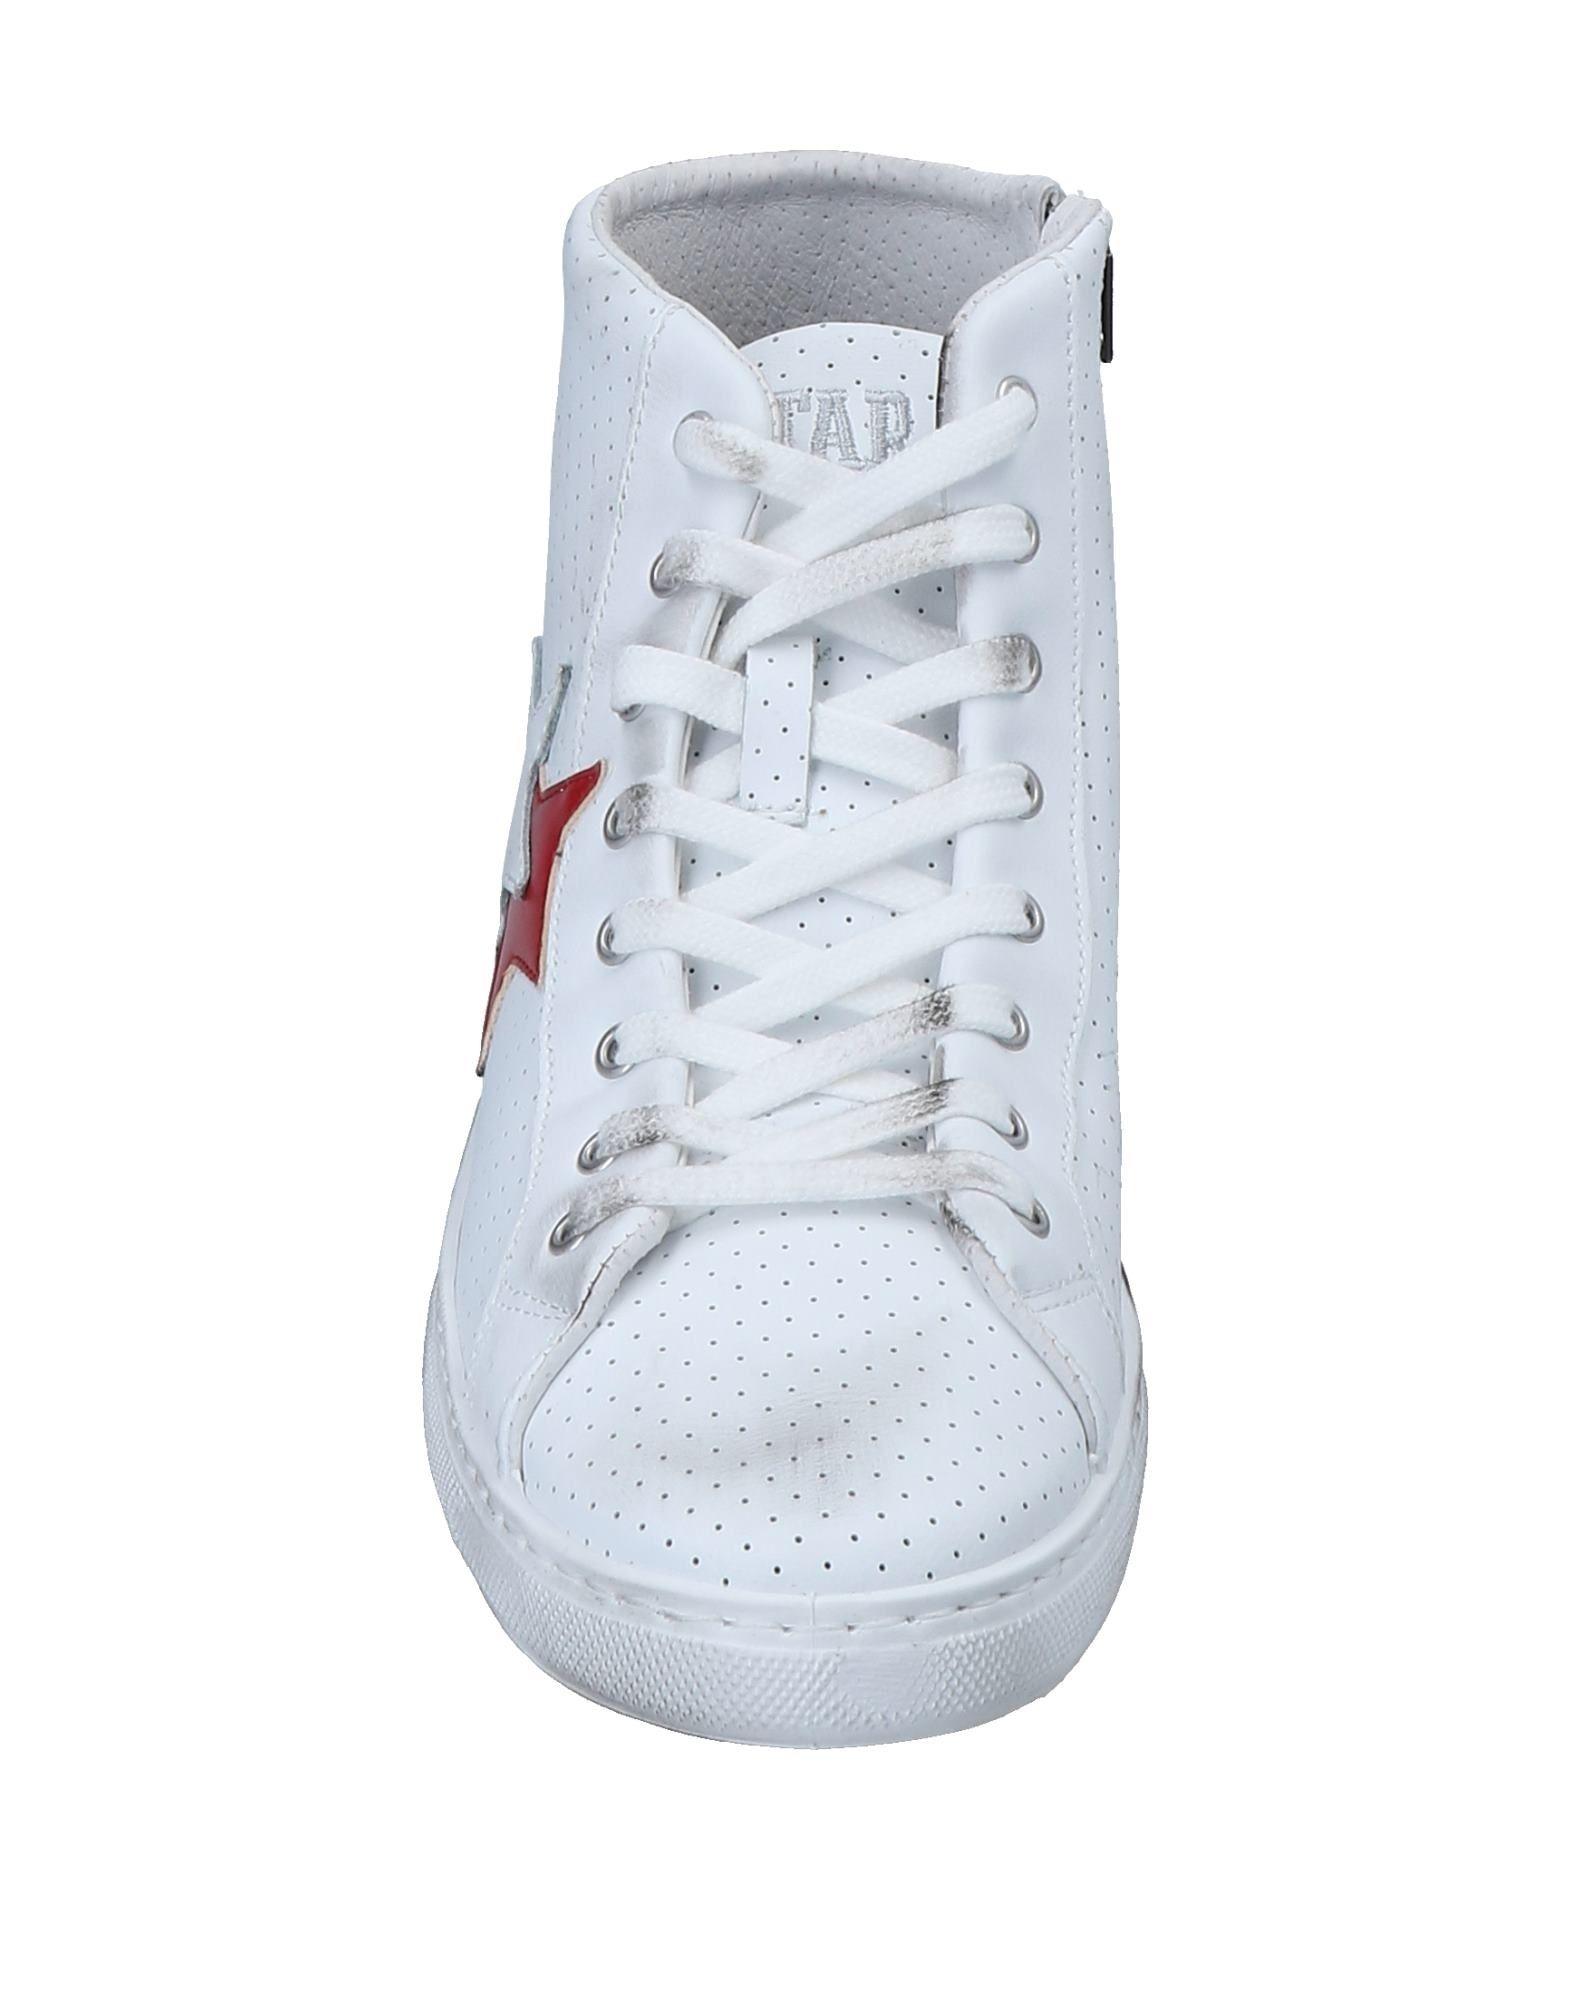 Rabatt Herren echte Schuhe 2Star Sneakers Herren Rabatt  11554824HX fb0591